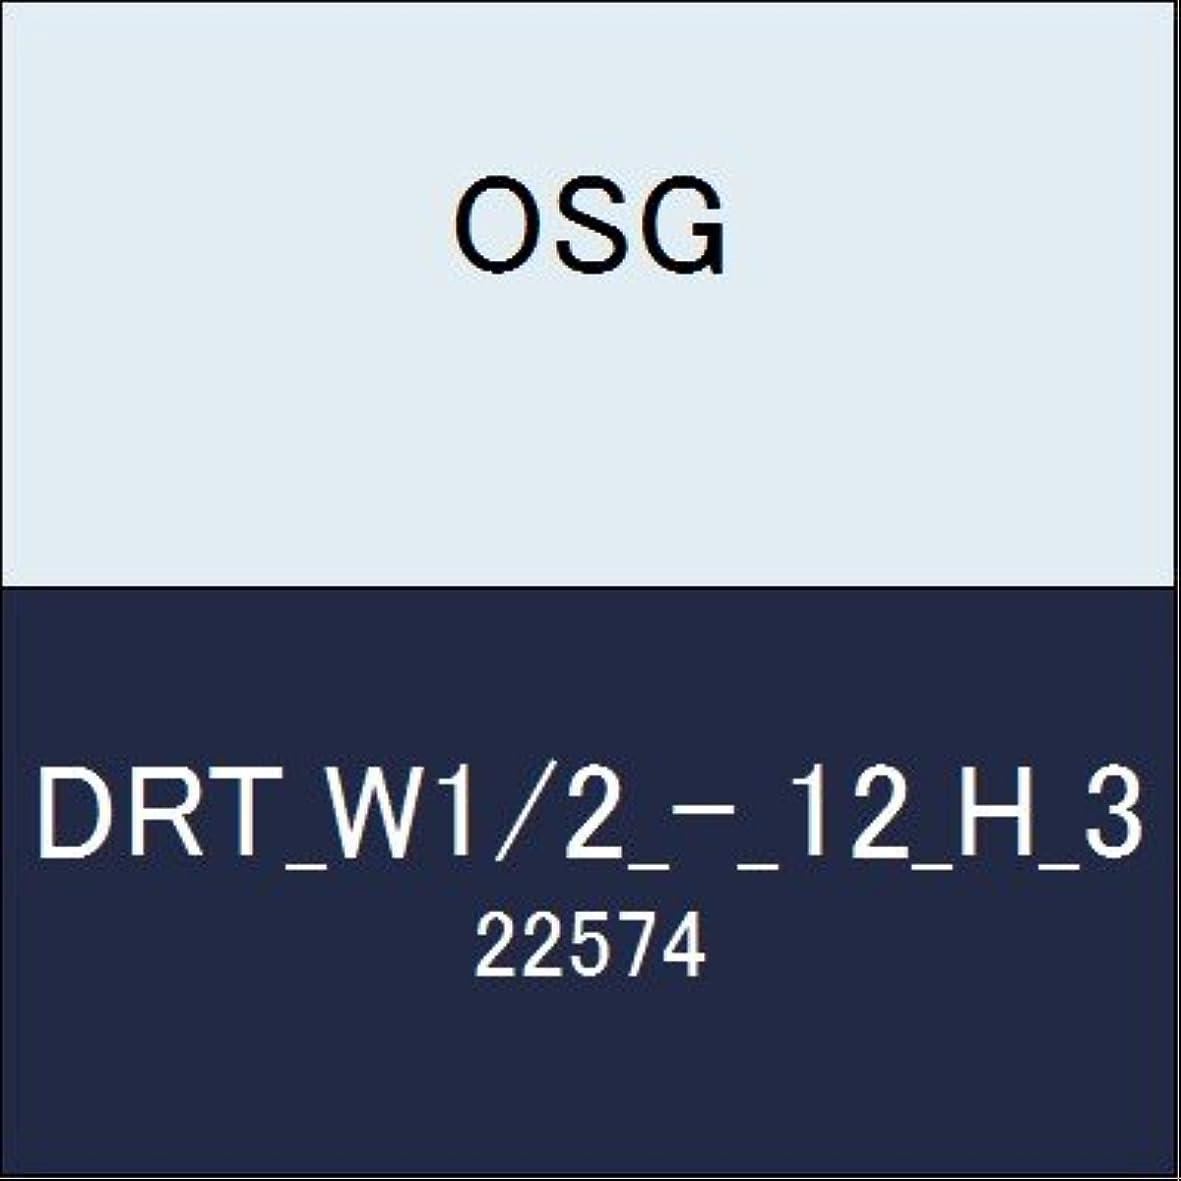 見えない雰囲気署名OSG ドリルタップ DRT_W1/2_-_12_H_3 商品番号 22574